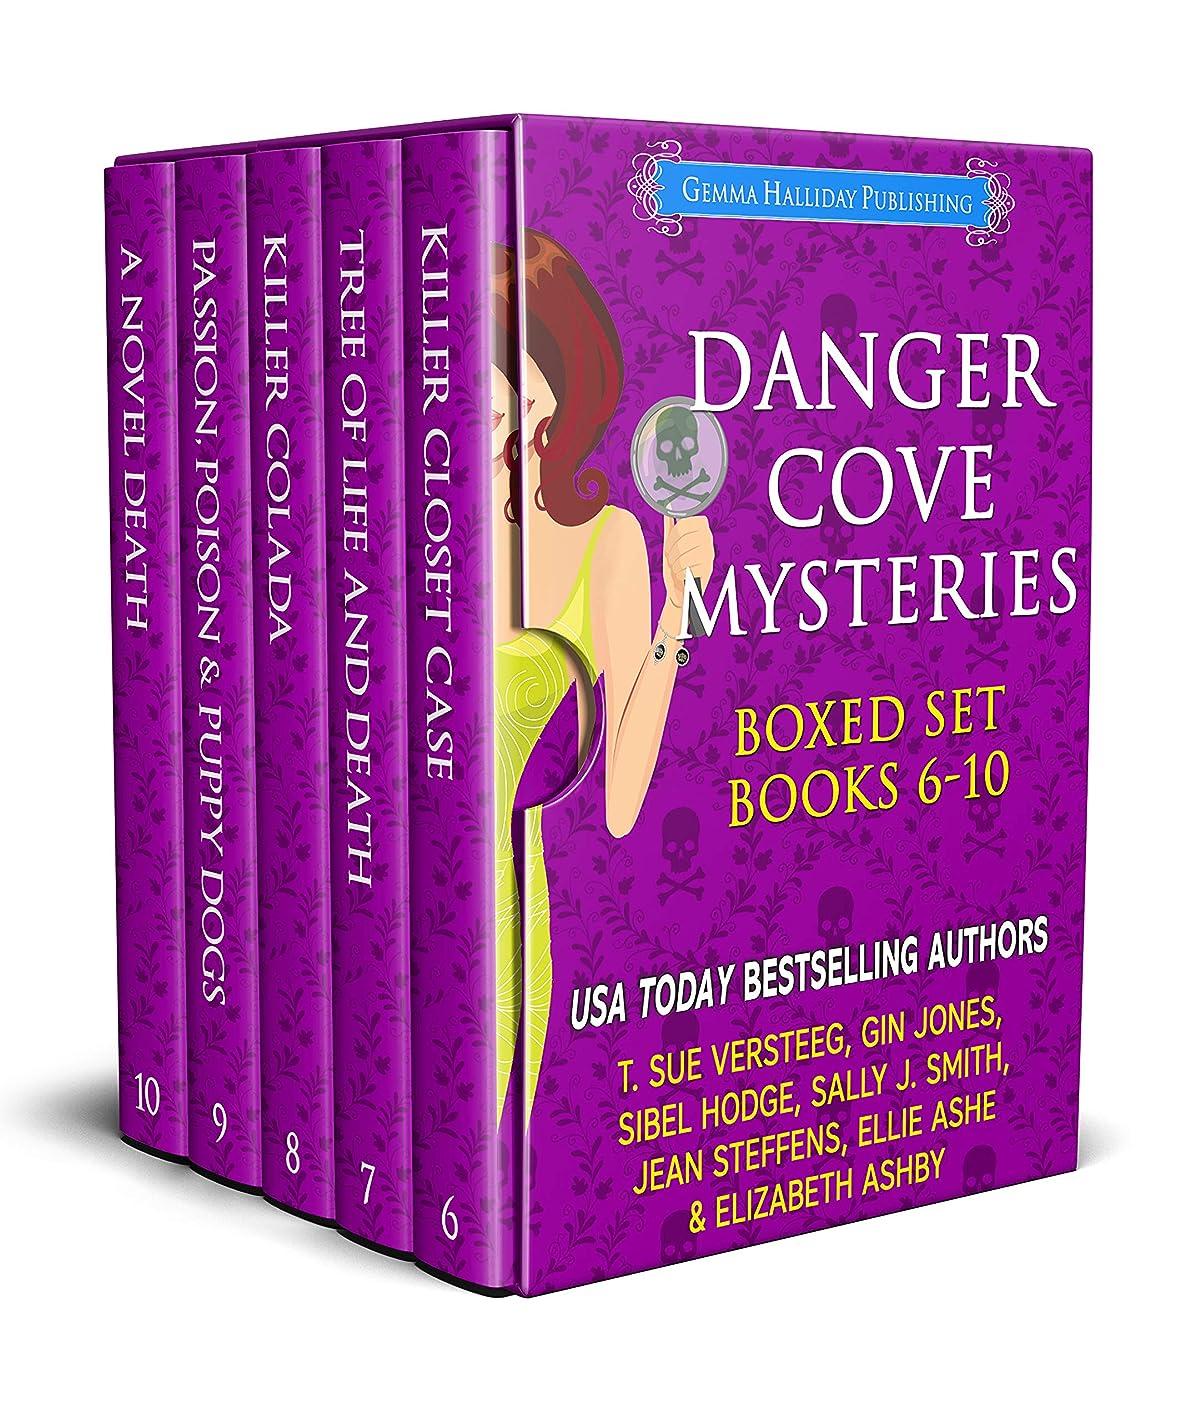 蓄積する法律によりねじれDanger Cove Mysteries Boxed Set (Books 6-10) (English Edition)